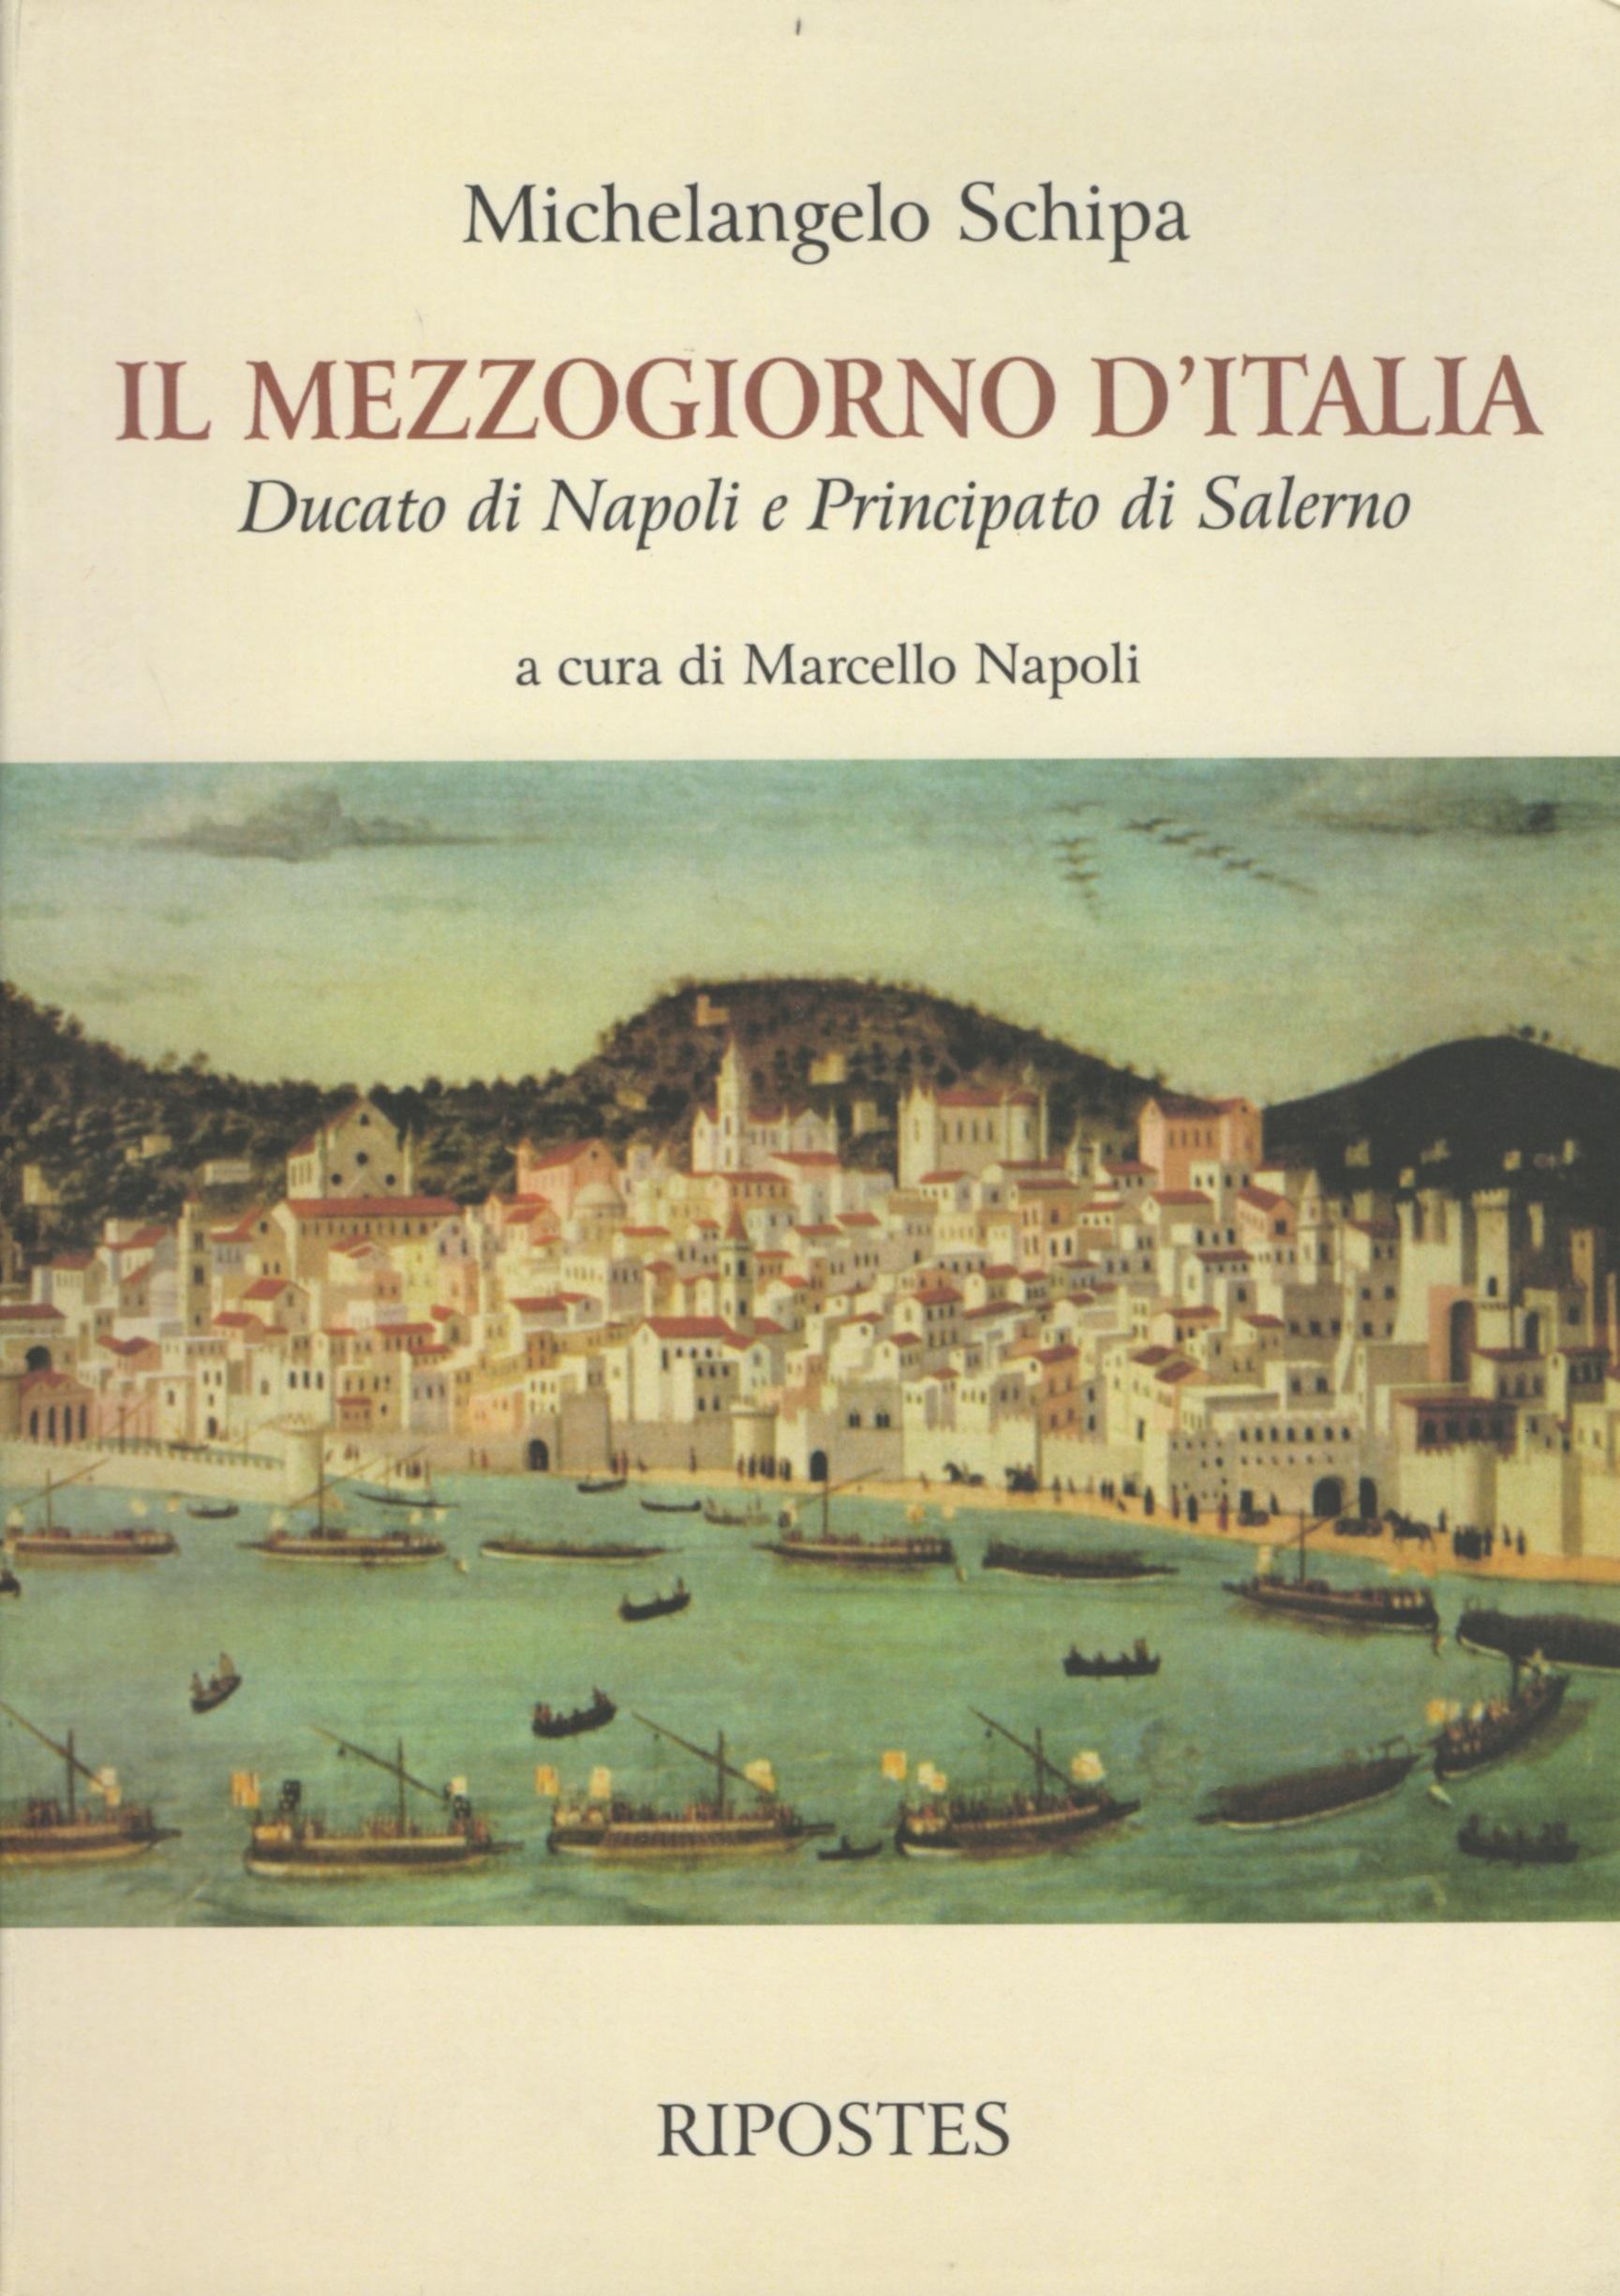 Il mezzogiorno d'Italia anteriormente alla monarchia